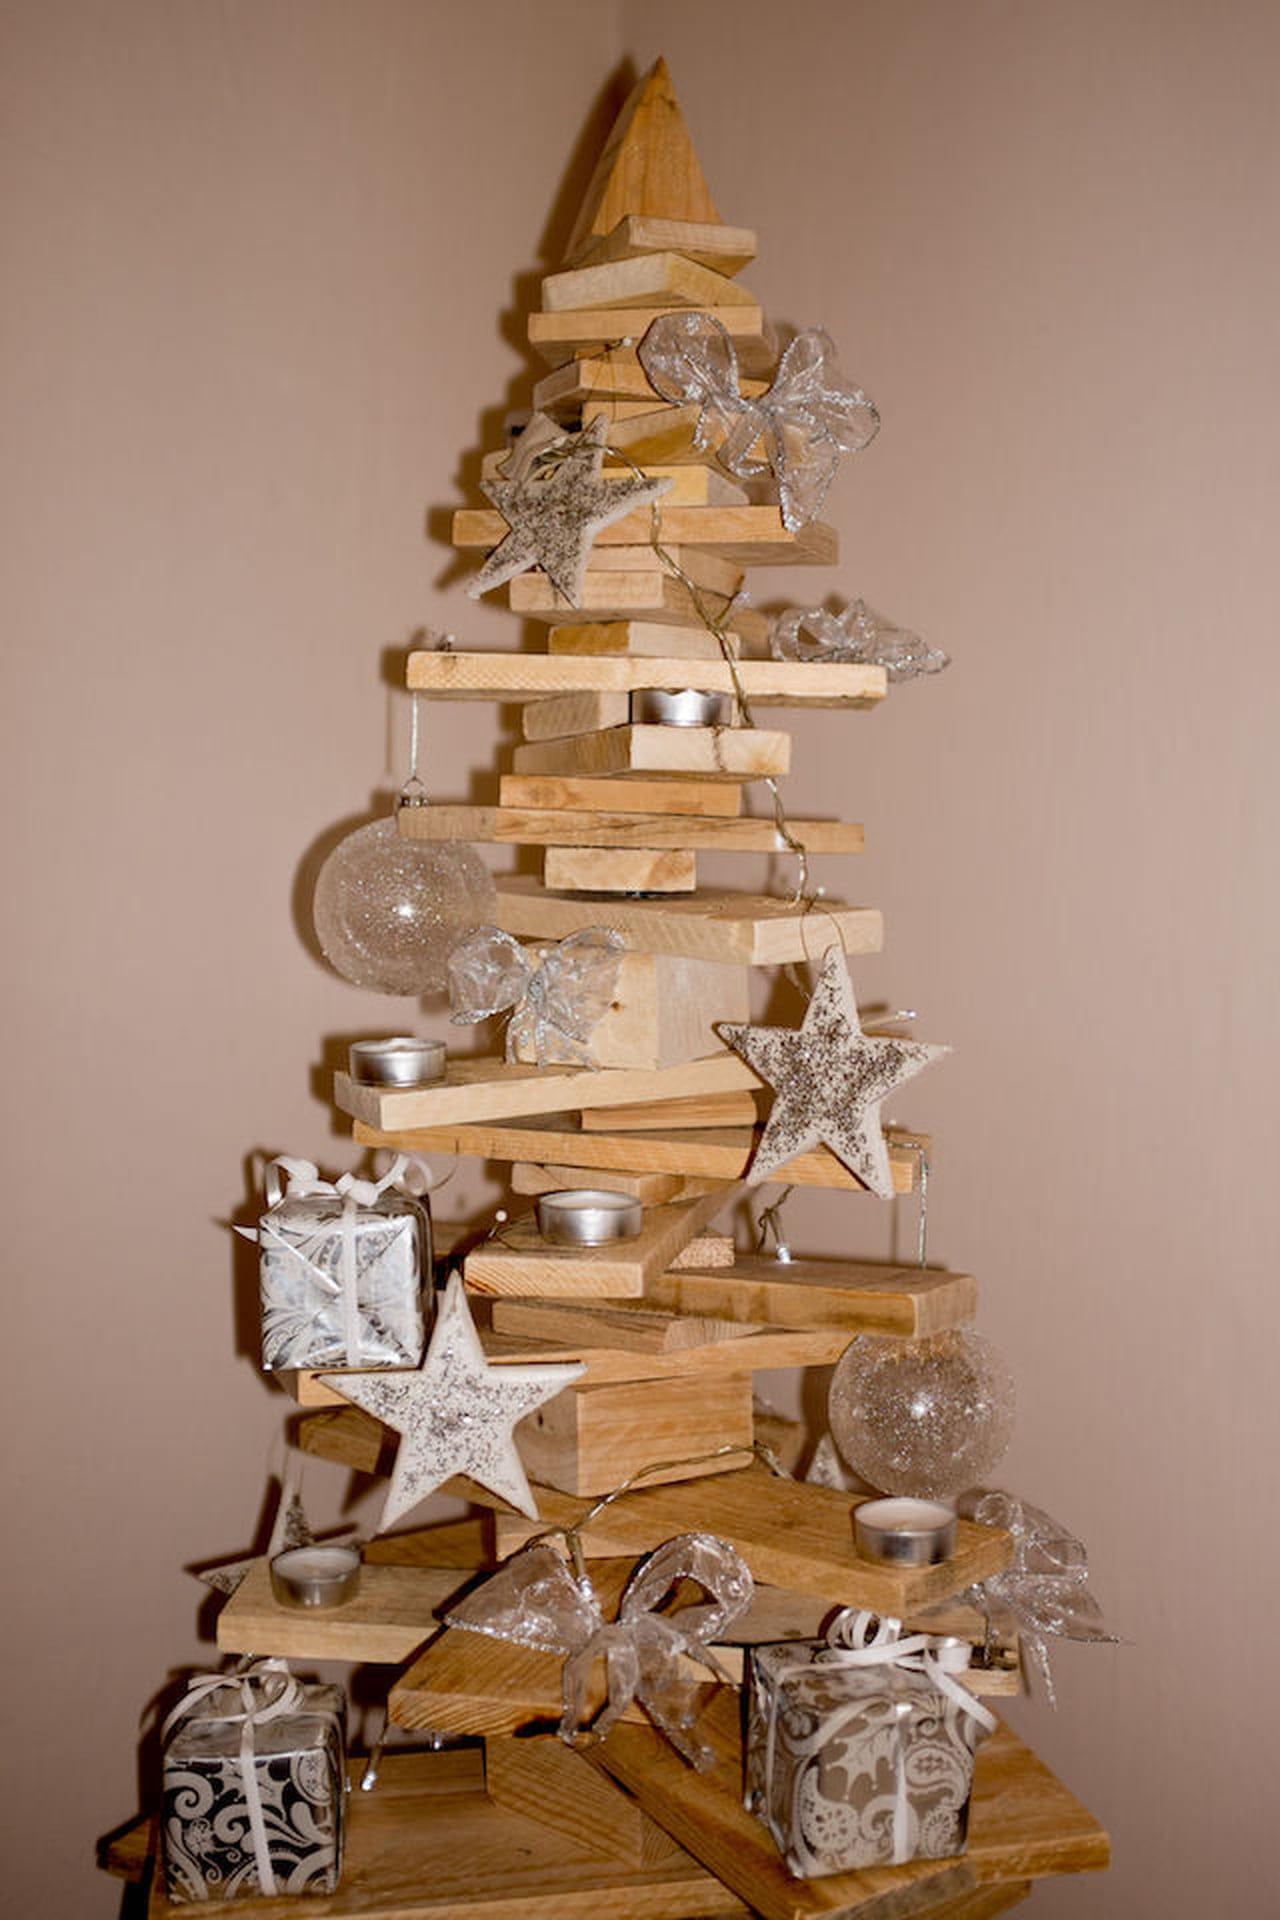 Decorazioni natalizie fai da te magazine delle donne for Decorazioni oggetti fai da te